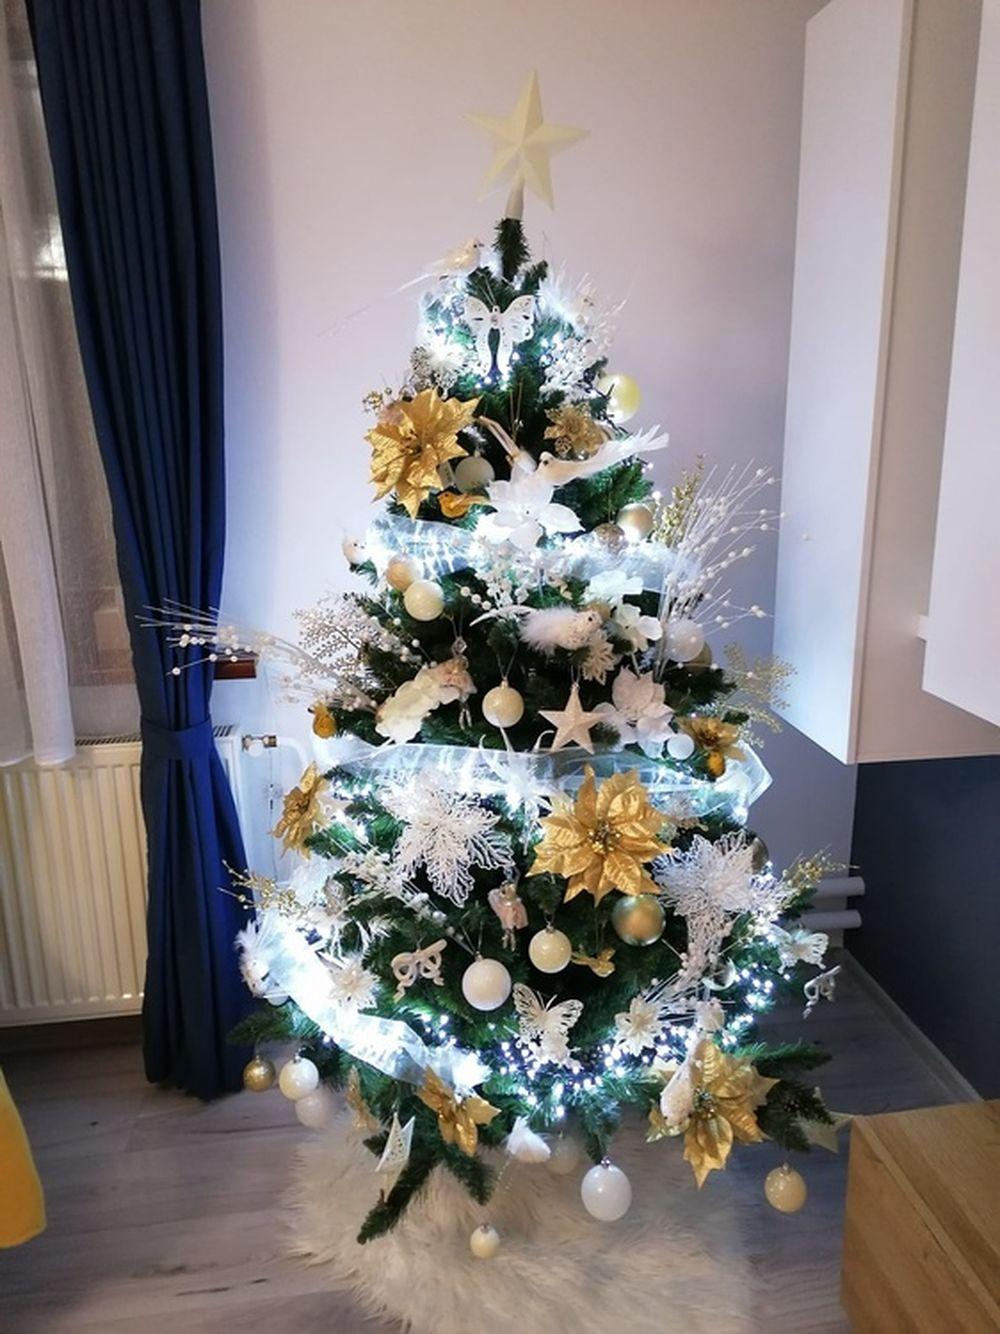 FOTO: Vianočné stromčeky v Žiline - výber fotografií našich čitateľov, foto 9